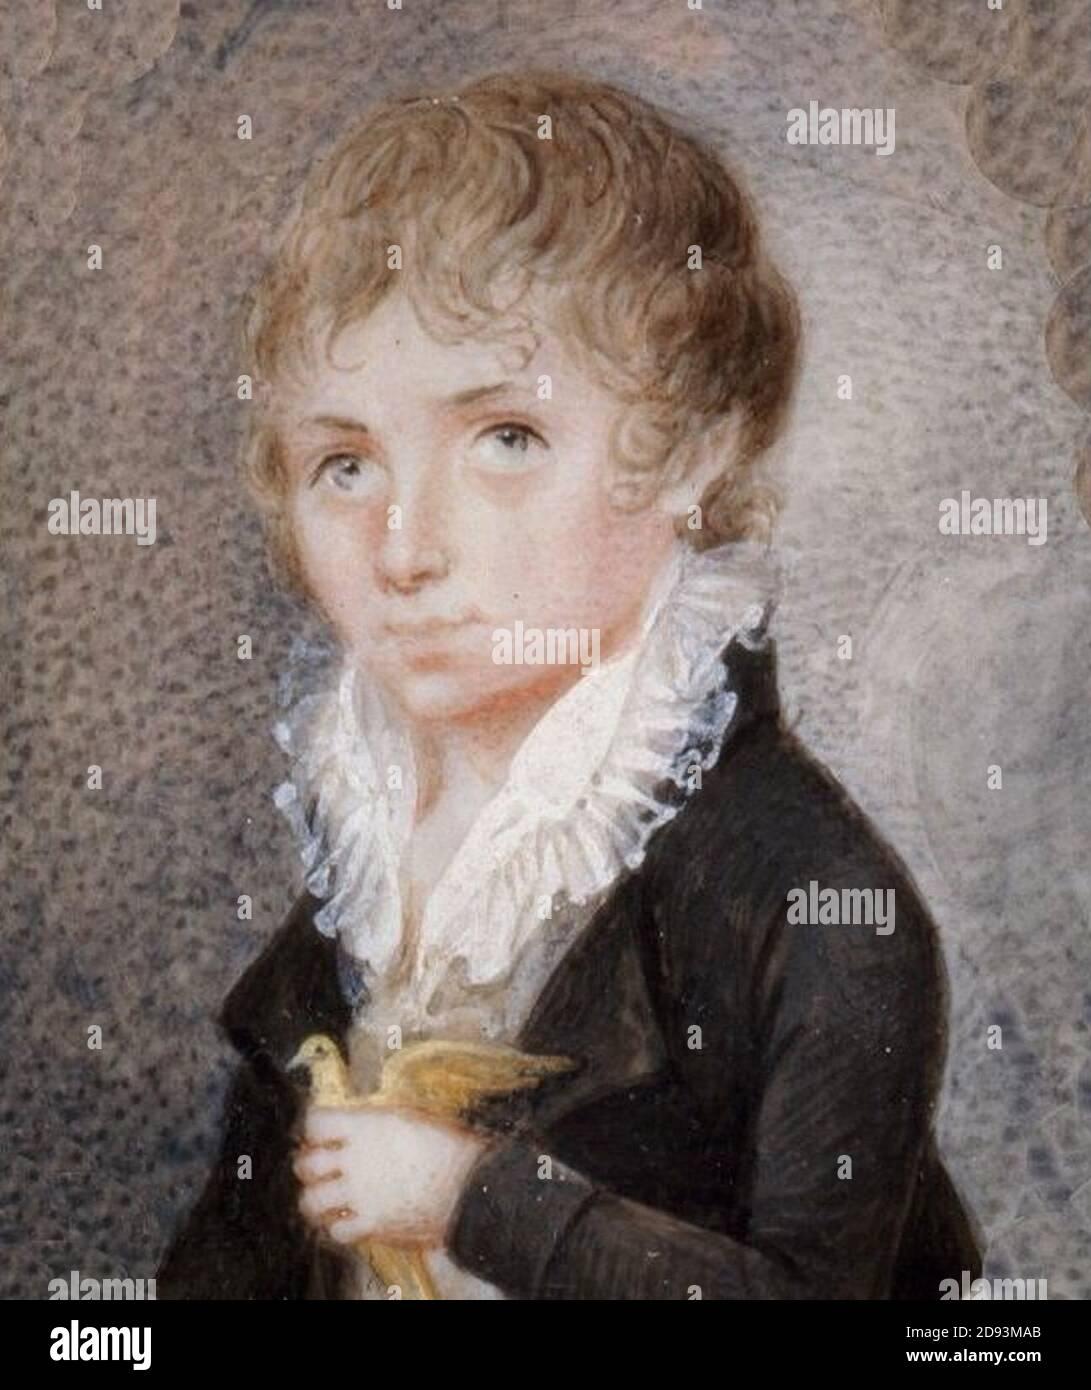 Józef Kosiński - Chłopiec z ptaszkiem. Stock Photo